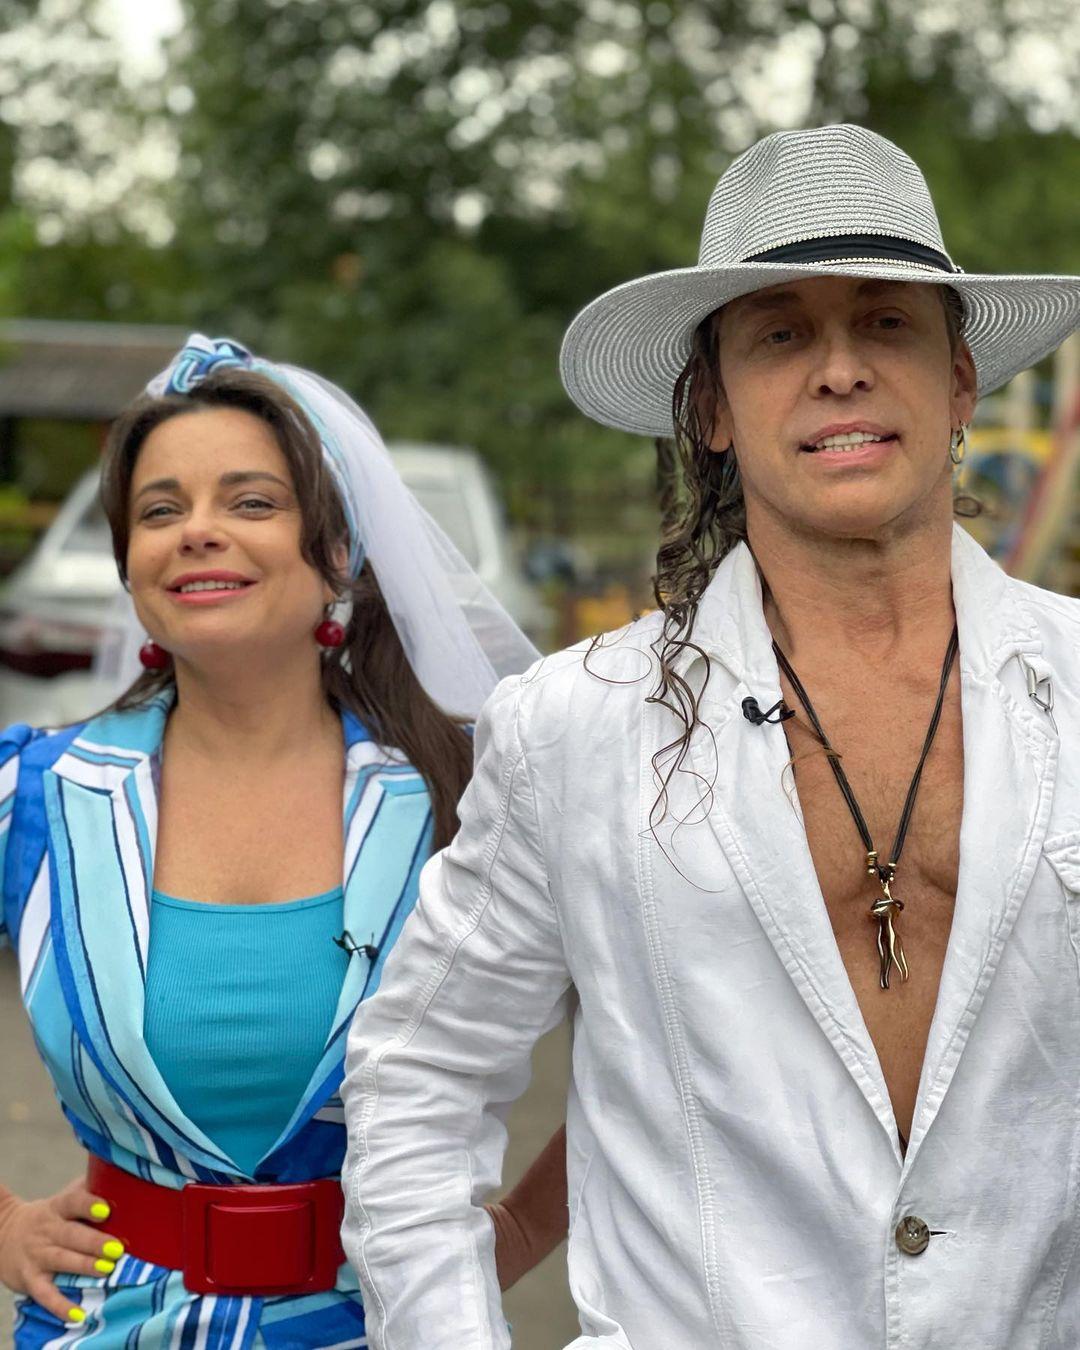 Наташа Королева и Тарзан решили уехать на время из страны